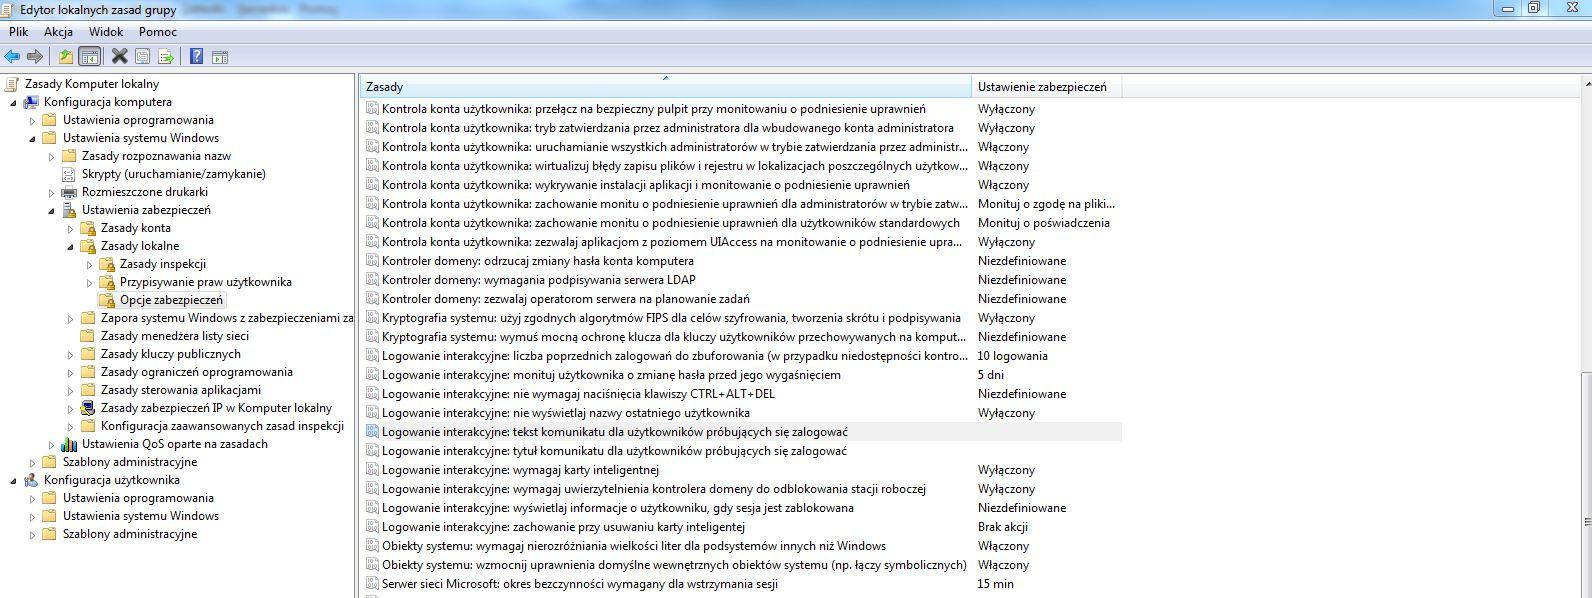 tekst-dla-uzytkownika Komunikat wyświetlany podczas logowania do systemu.